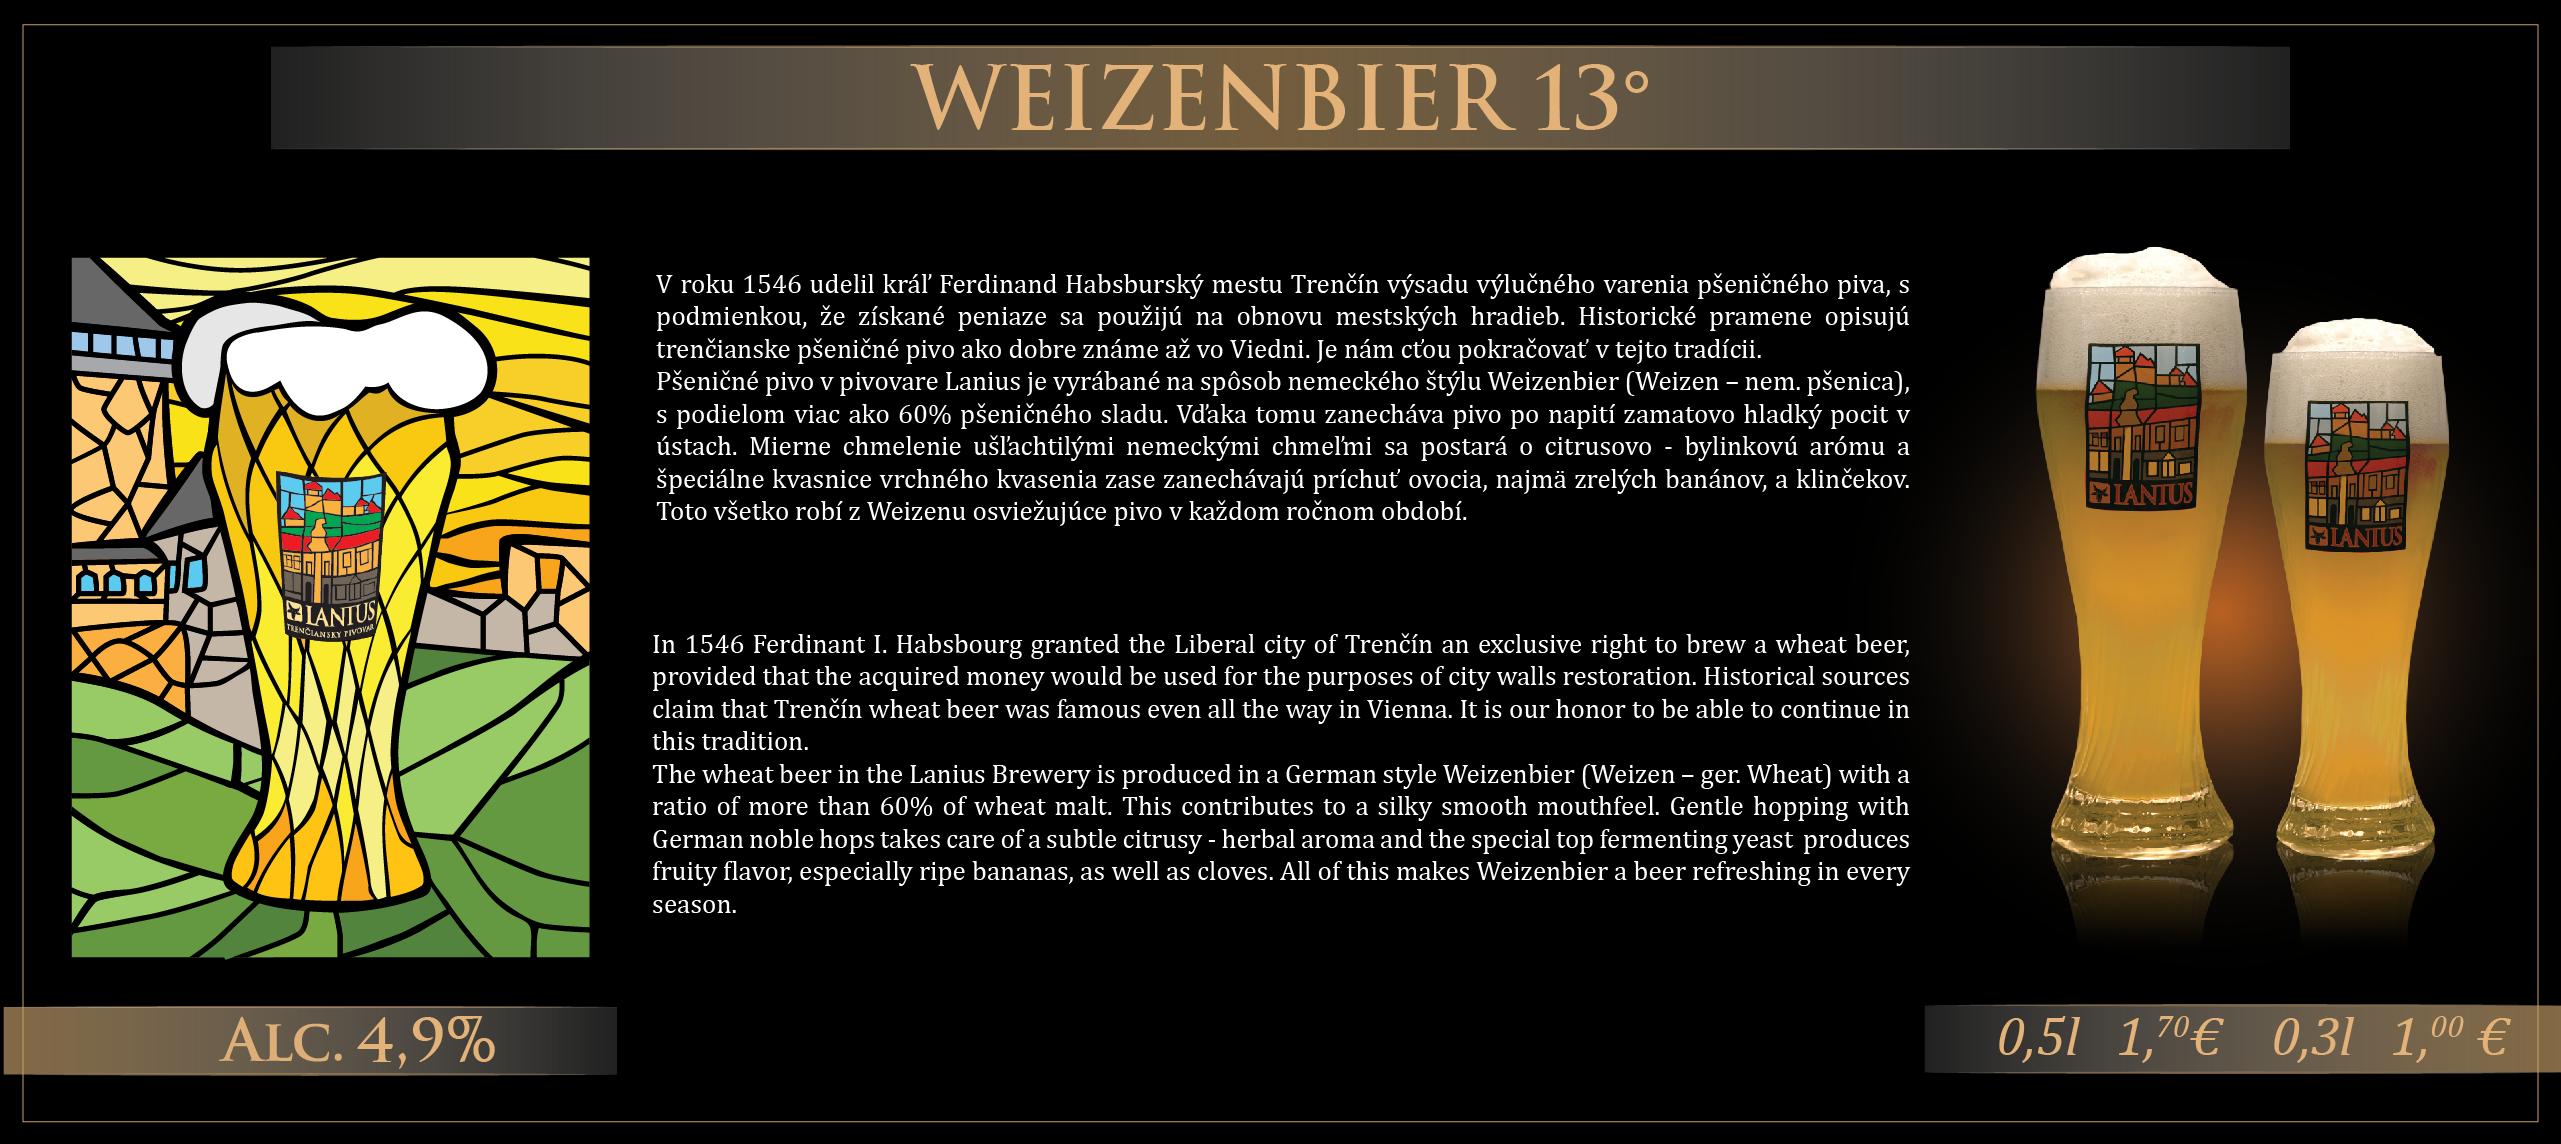 weizenbier_web-01